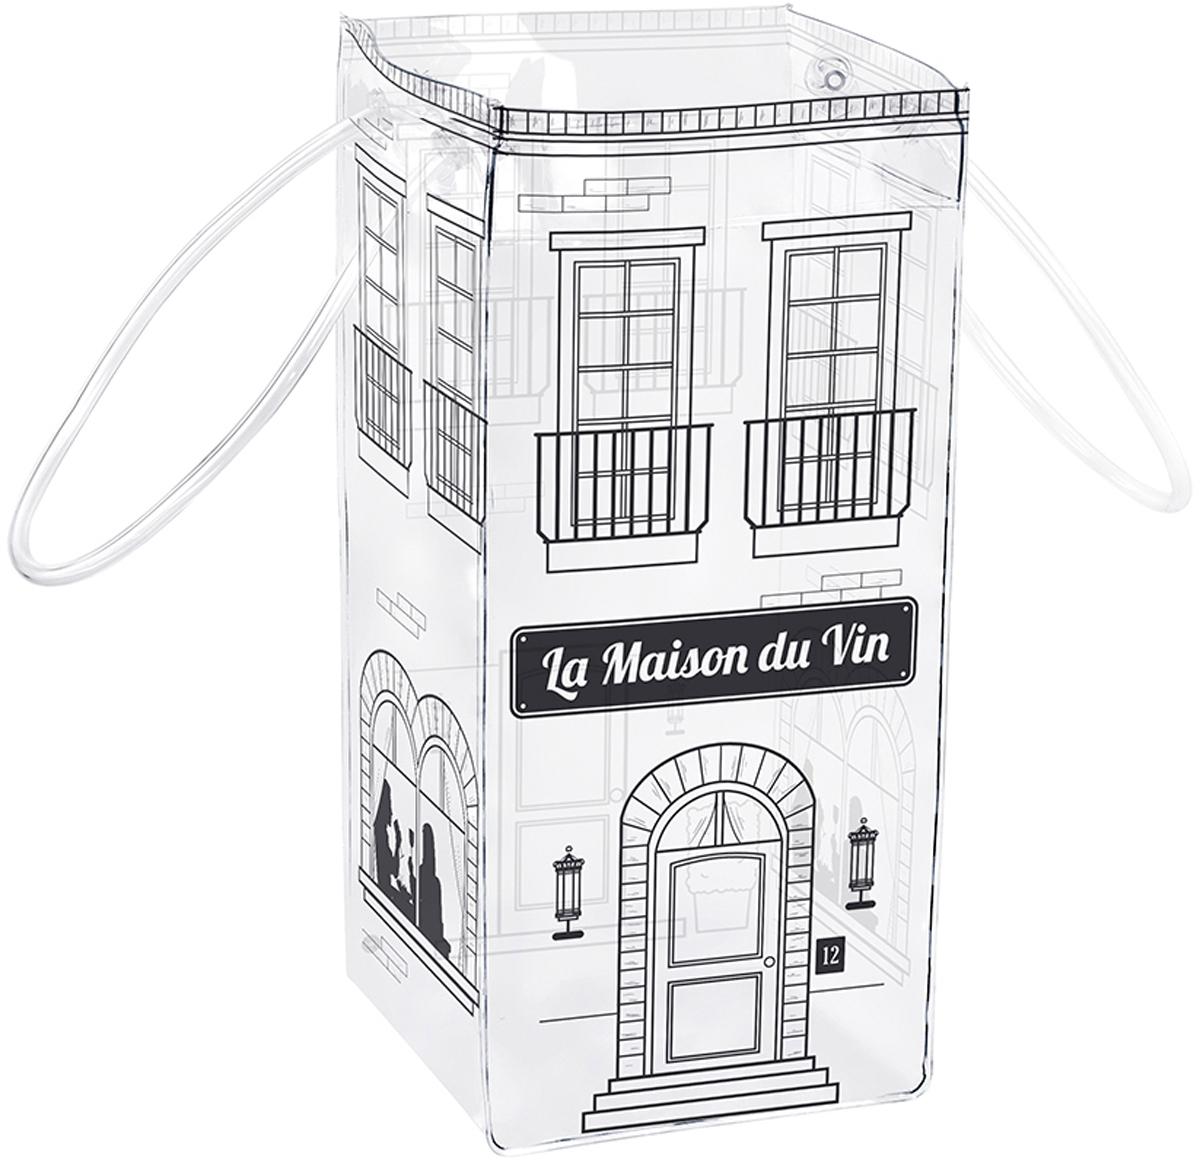 Сумка для охлаждения бутылок Balvi La Maison Du Vin, цвет: прозрачный6.295-875.0Для тех, кто любит употреблять охлажденные напитки, мы предлагаем сумку для охлаждения бутылок La Maison Du Vin. Ее удобно брать с собой, так как у нее есть ручки. Для охлаждения напитка достаточно засыпать в нее лед и поставить туда бутылку. Эта сумка подходит для вина, шампанского и других более крепких напитков. Пока вы едете в свой выходной на отдых, бутылка в этой сумке будет охлаждаться. Особенно это актуально в летнюю жару, если вы любите отдыхать на пляже, на рыбалке или просто красивом живописном месте. - Удобные ручки для переноски- Универсальна, подходит для охлаждения любых напитков- Проста в использовании - нужно засыпать лед и поставить бутылку